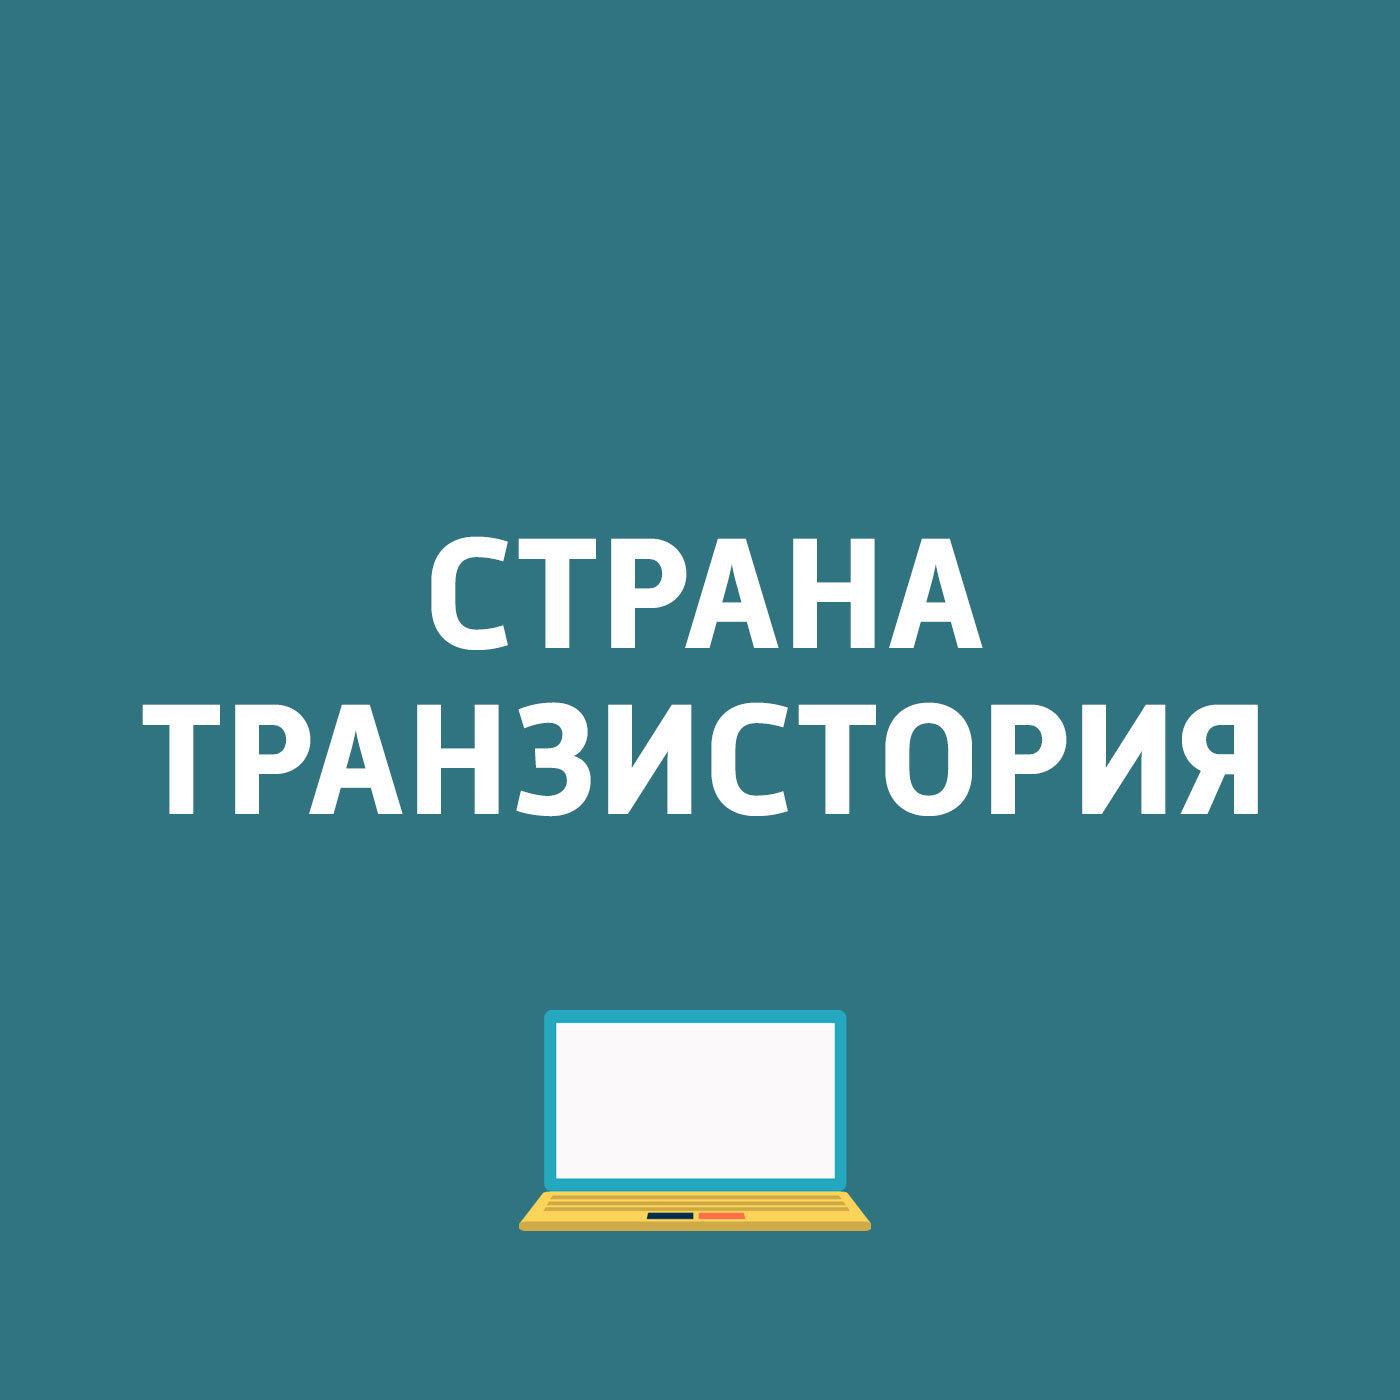 все цены на Картаев Павел Nokia X6; Домашний робот на базе голосового помощника Alexa; Подписан закон о блокировке сайтов; Отмена комиссии по картам Яндекс.Деньги; Акустические камеры для отлова гудящих водителей